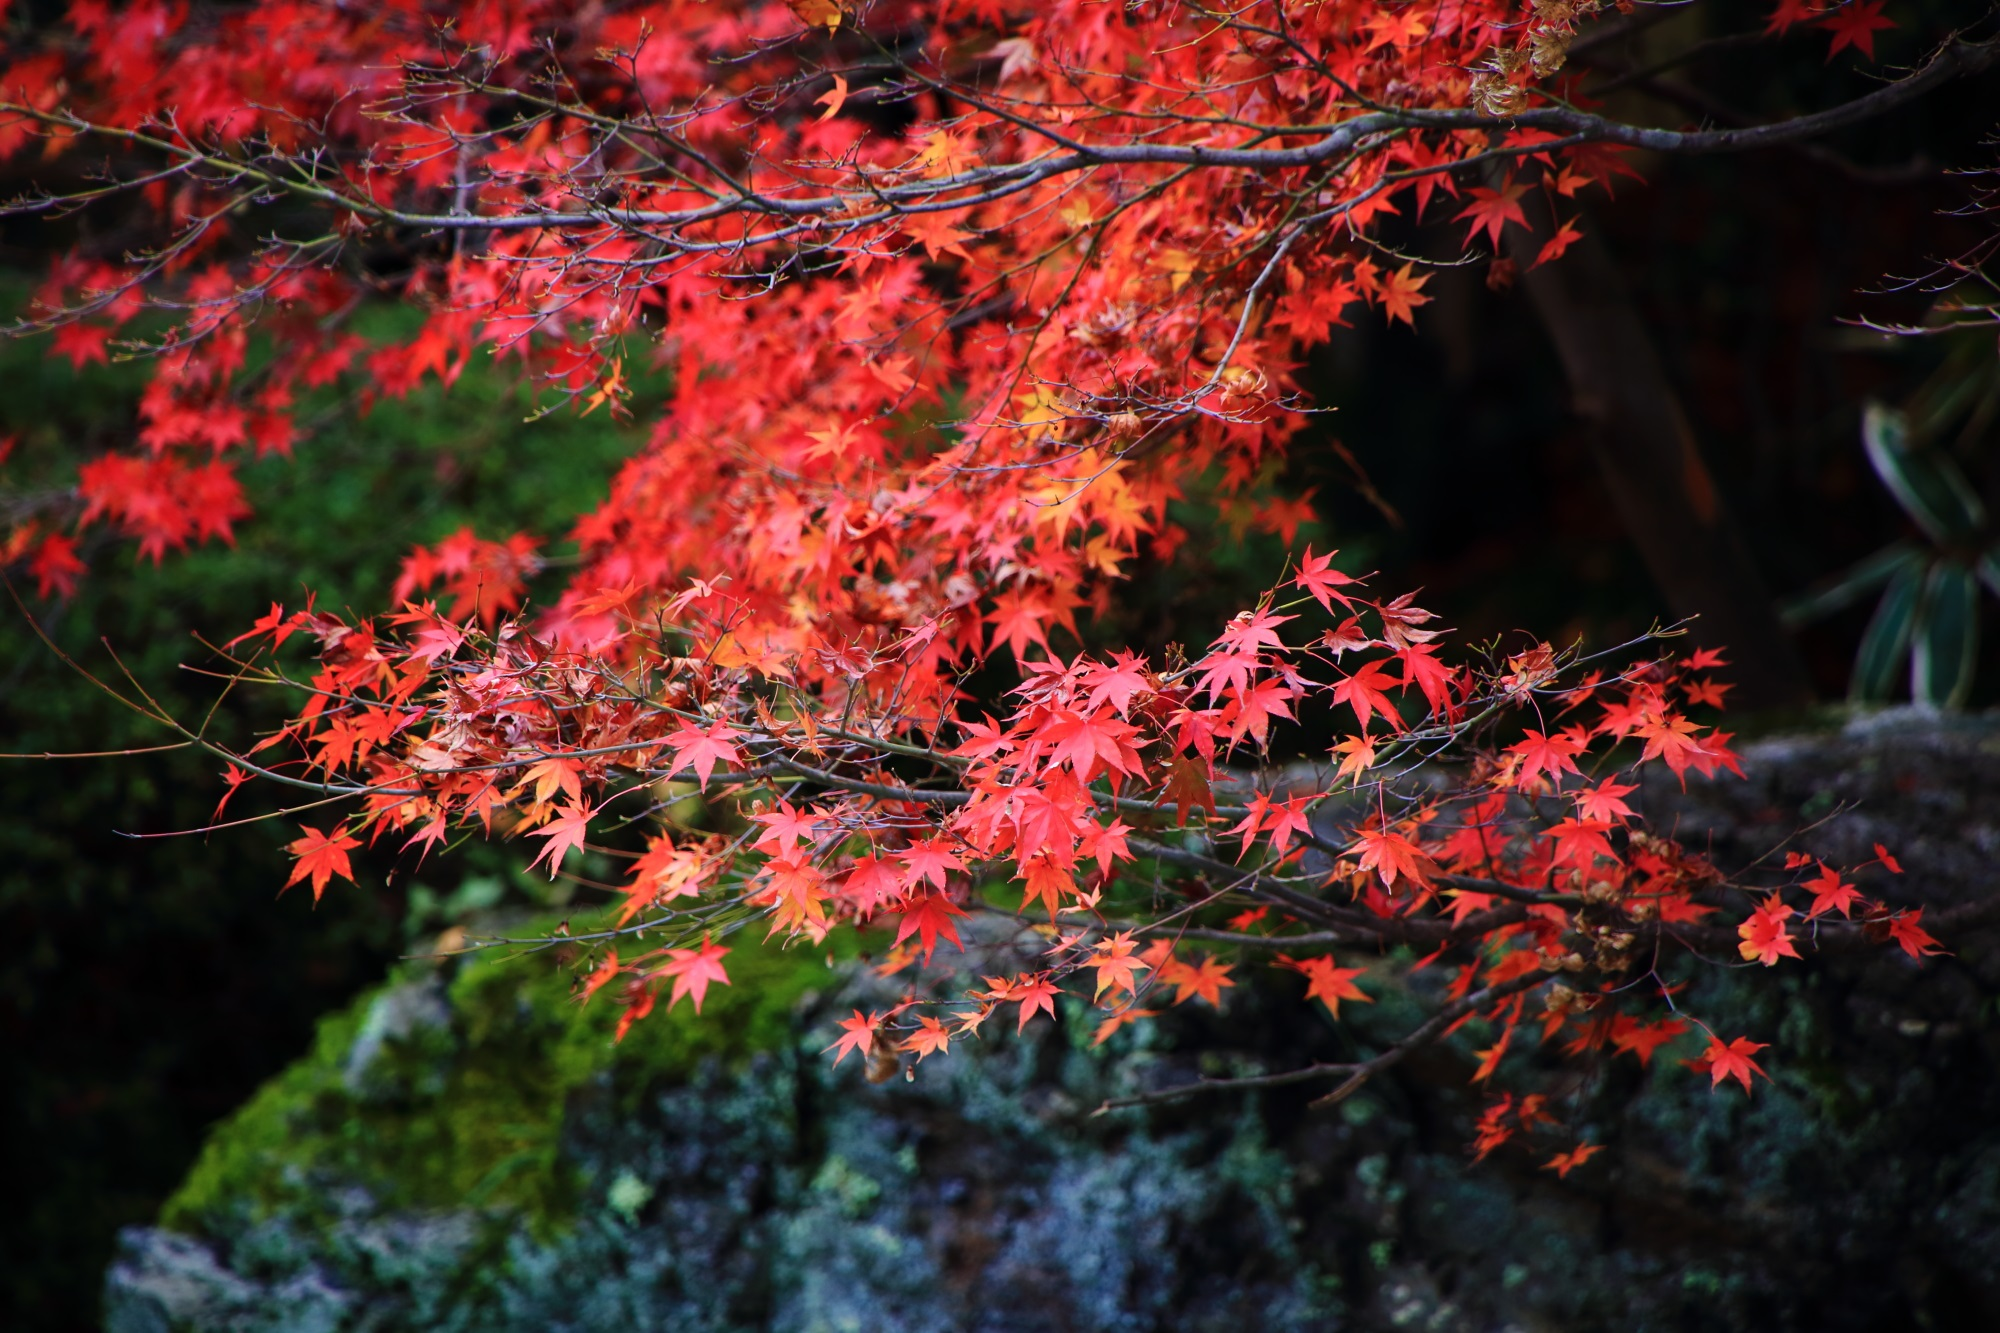 天授庵の苔や岩を彩る華やかな赤い紅葉